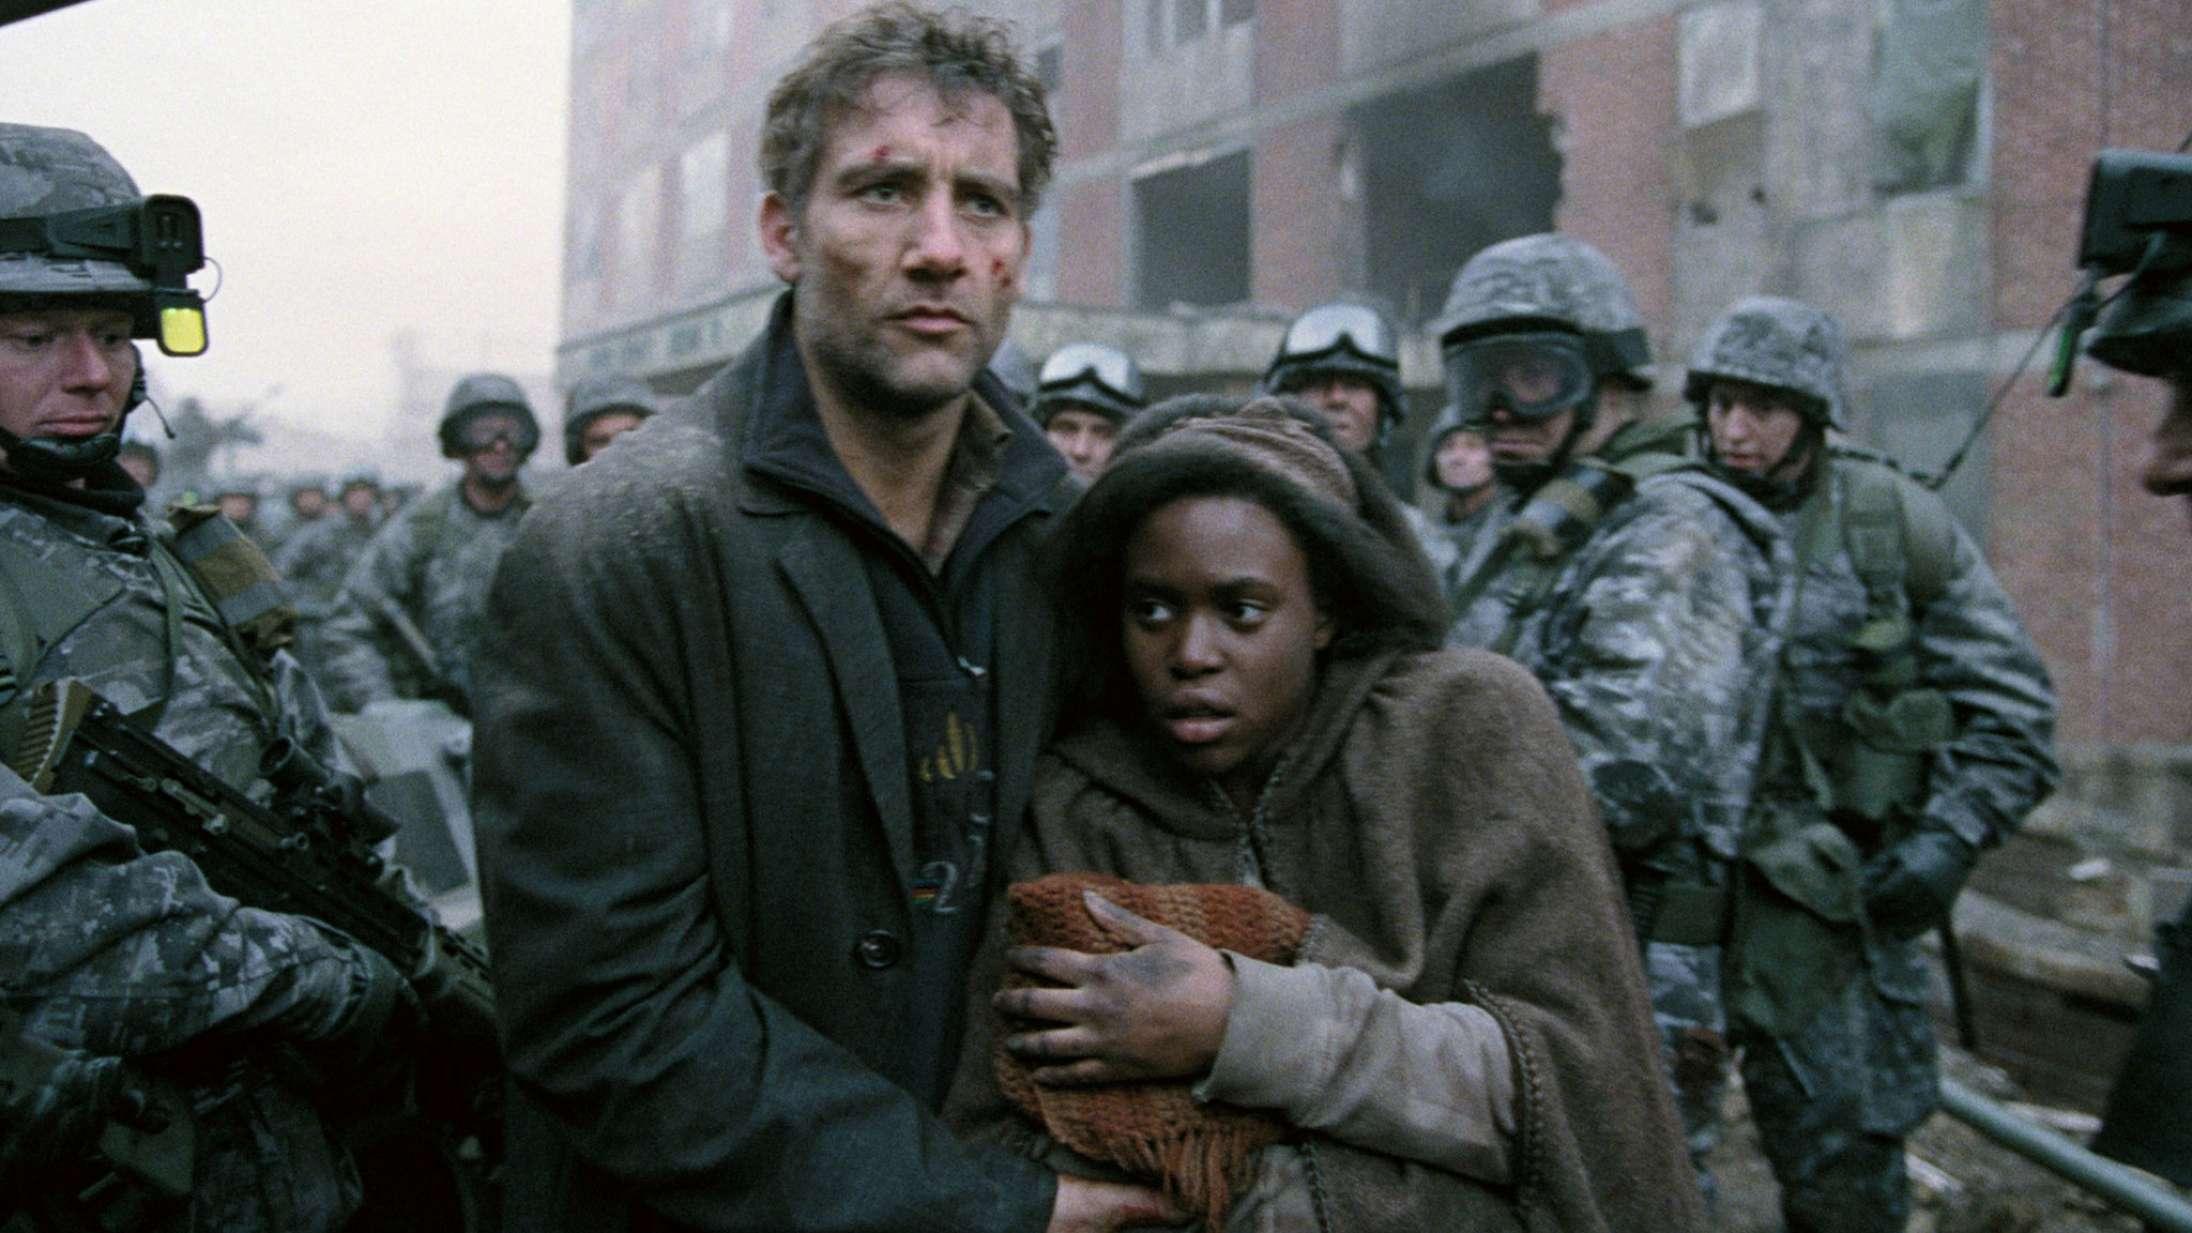 Med coronakrisen ser jeg en yndlingsfilm i et klarere lys